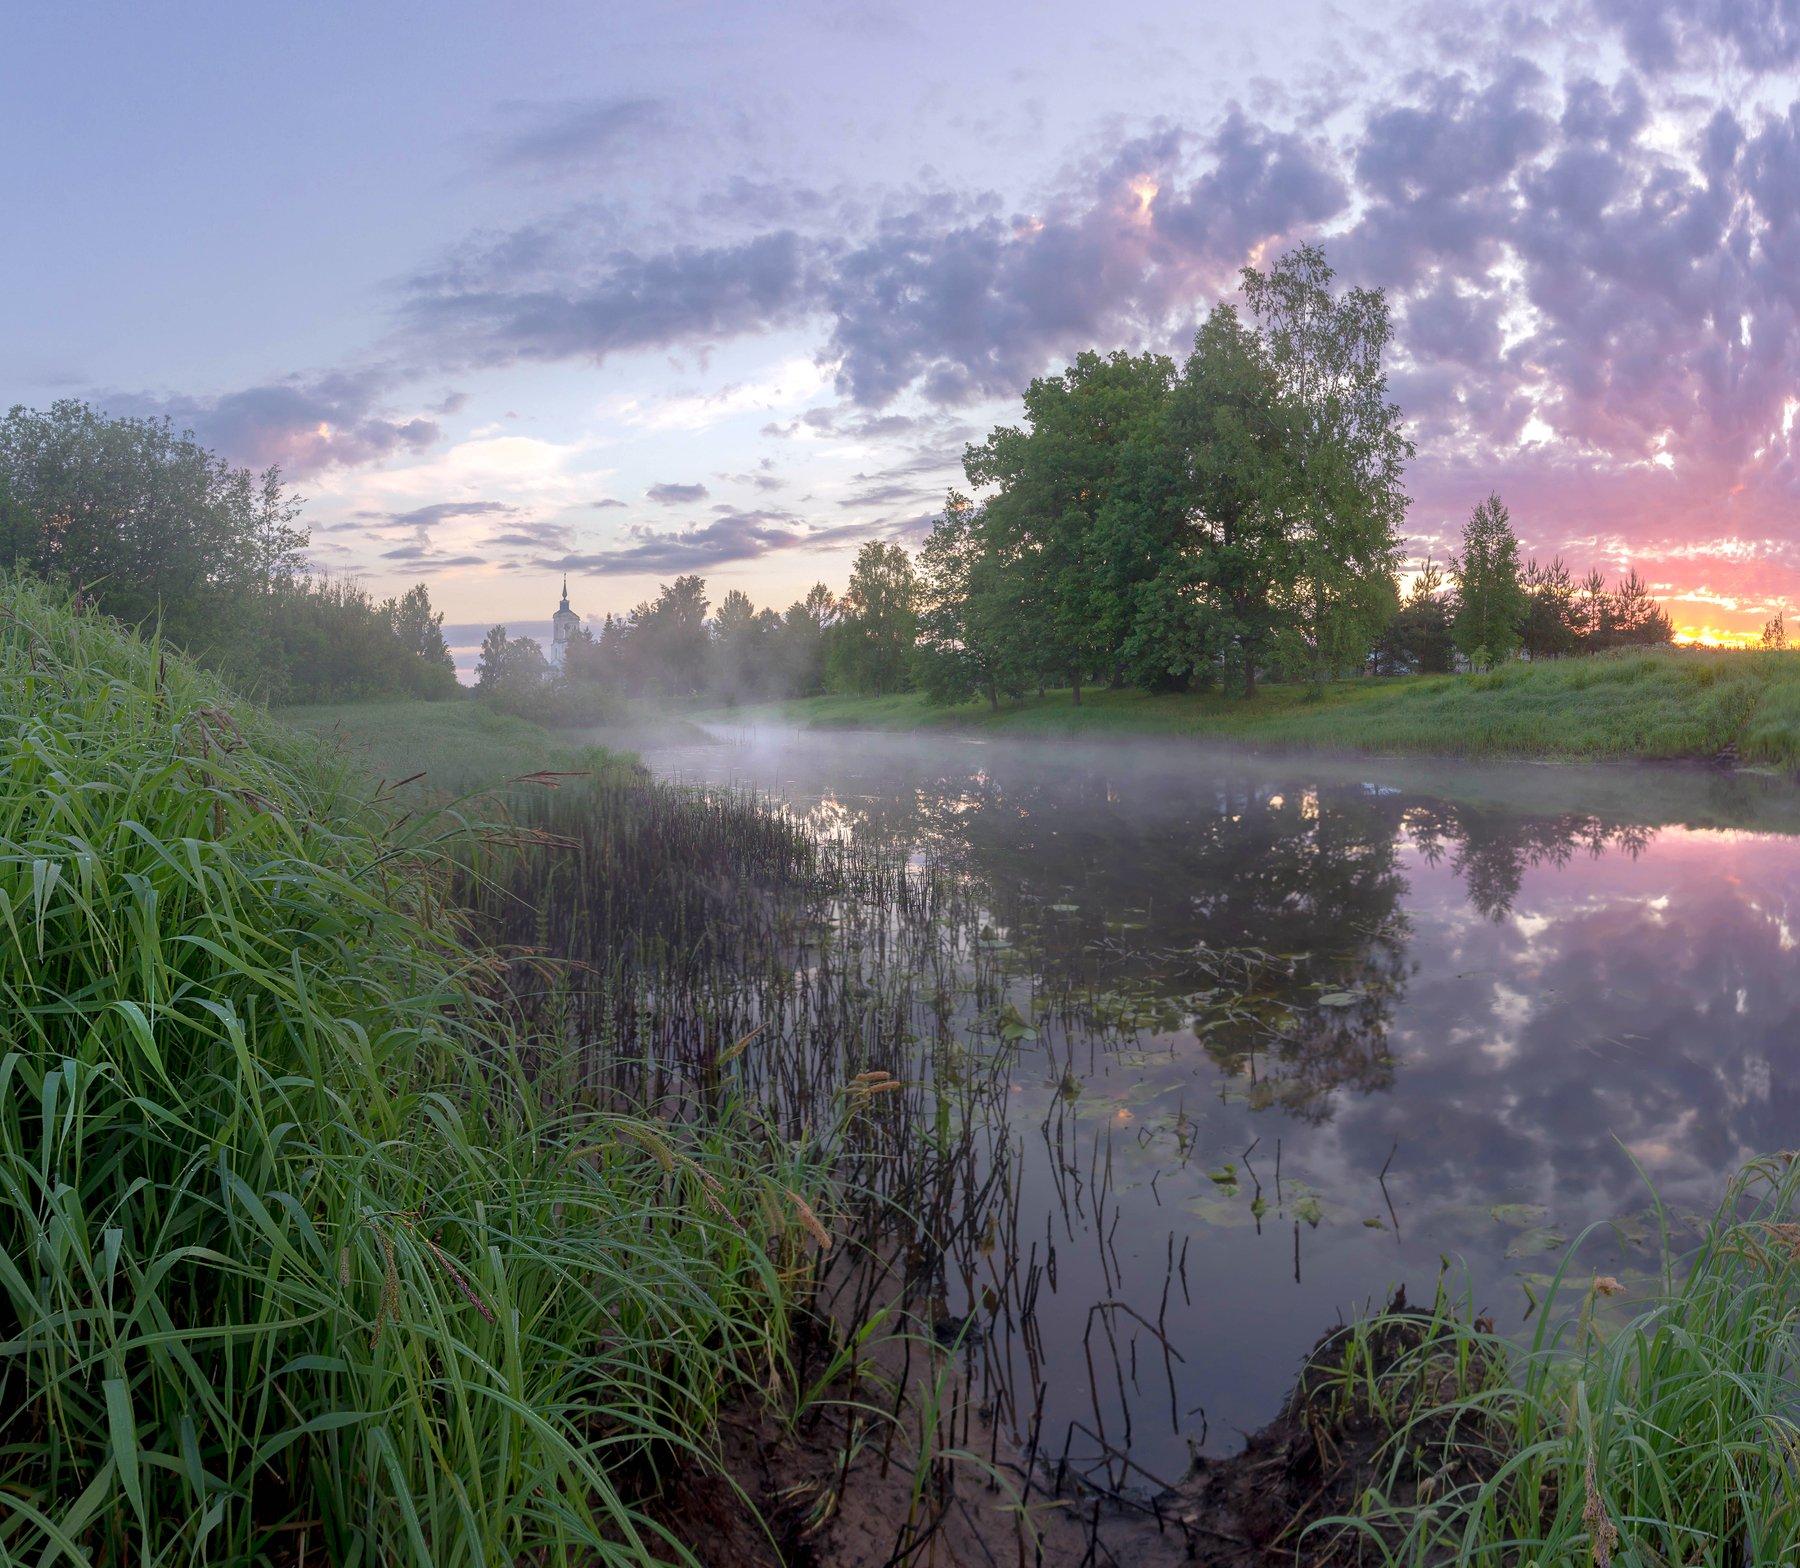 новгород, деревня ,фототур, Vaschenkov Pavel